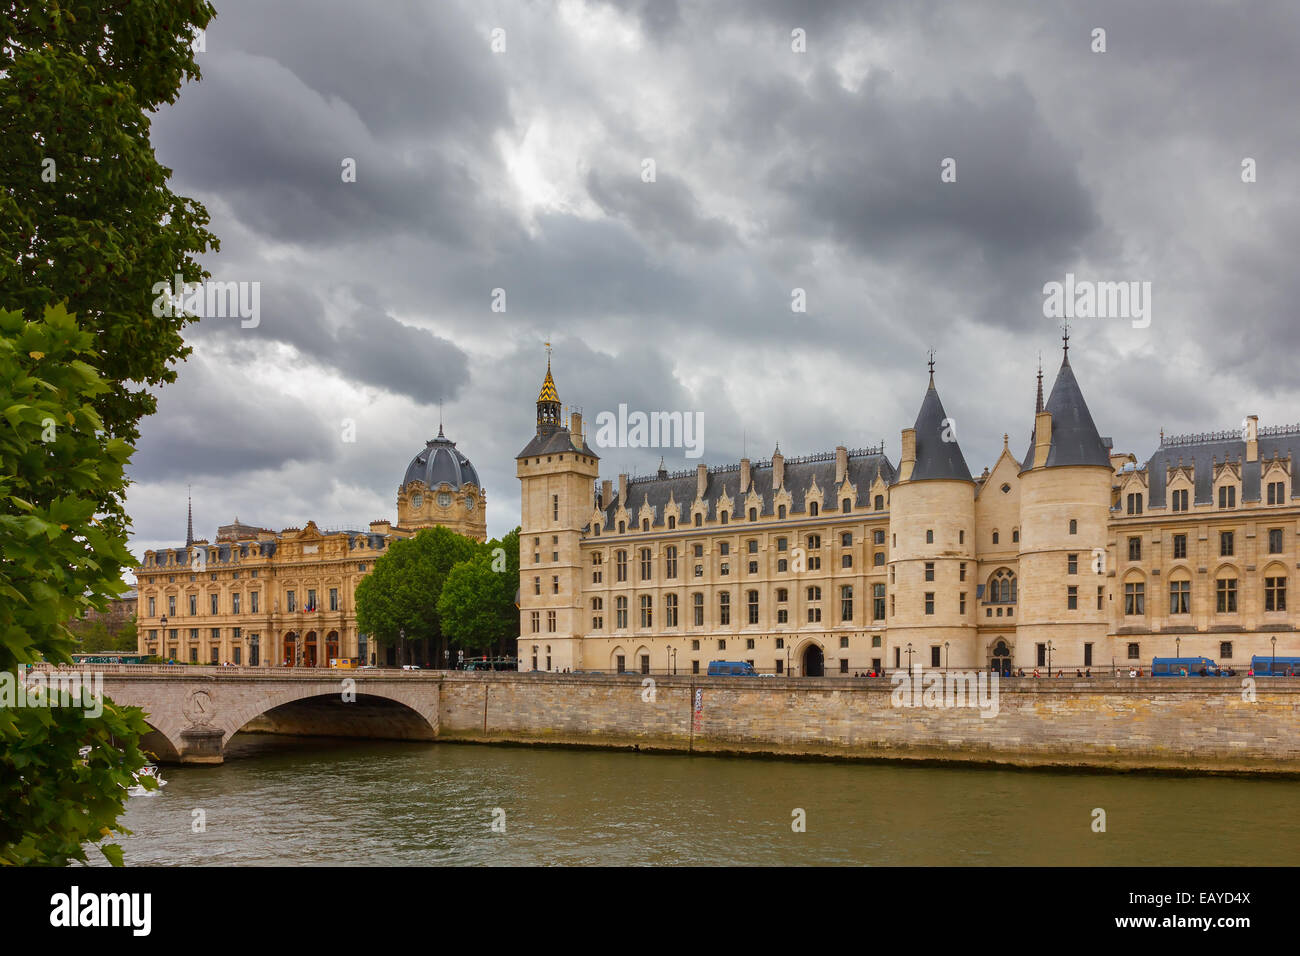 Pont au Change over the Seine River,  Palais de Justice and the Conciergerie in Paris, France Stock Photo